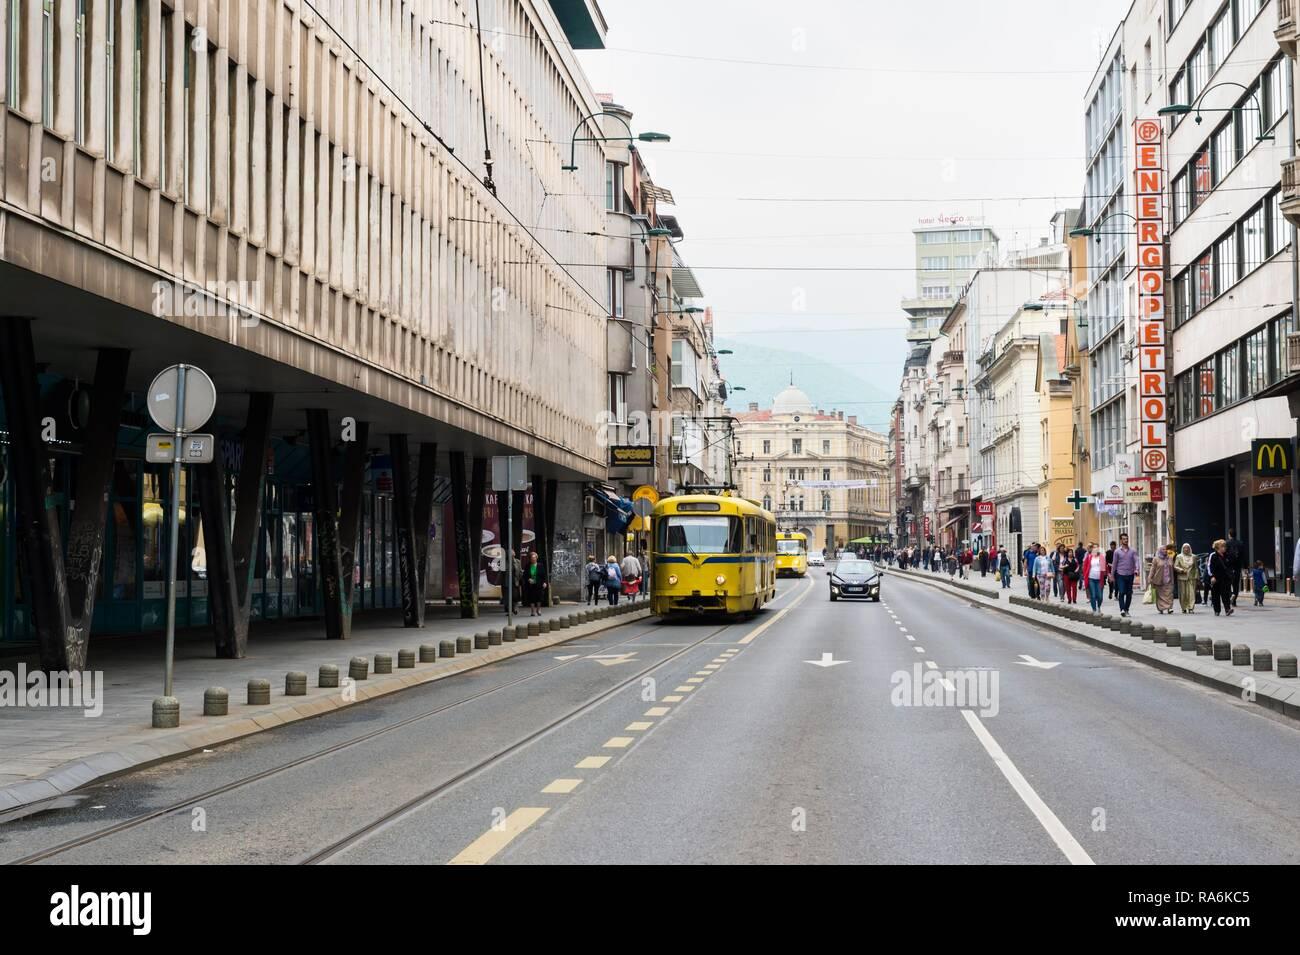 Street scene, Sarajevo, Bosnia and Herzegovina - Stock Image